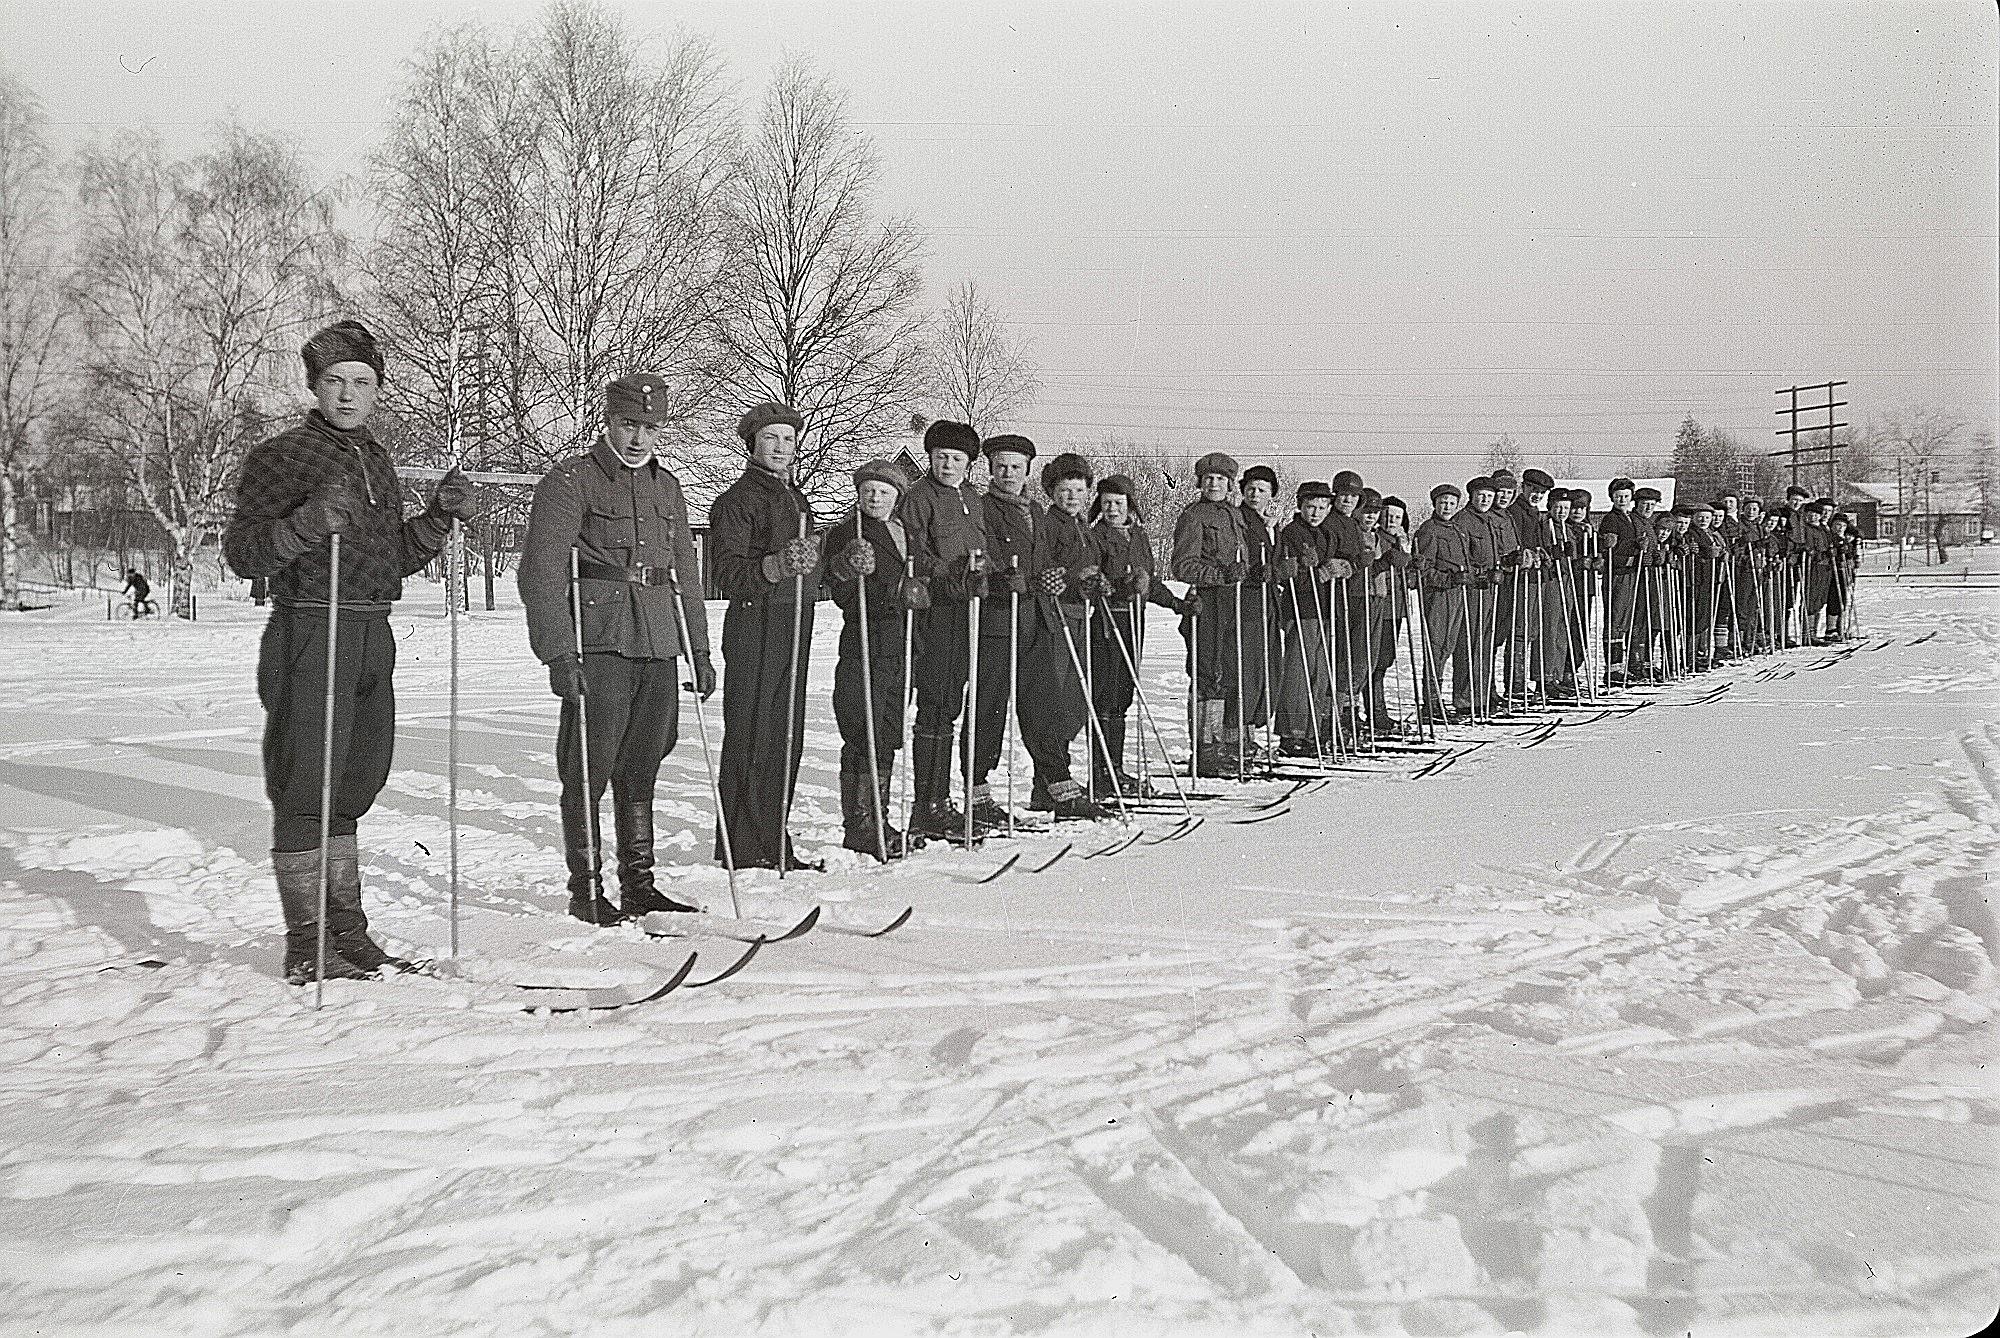 Soldatgossekåren på skidövningar på ungdomsföreningens sportplan. Längst till vänster Åke Ålgars och följande är Torsten Mitts.